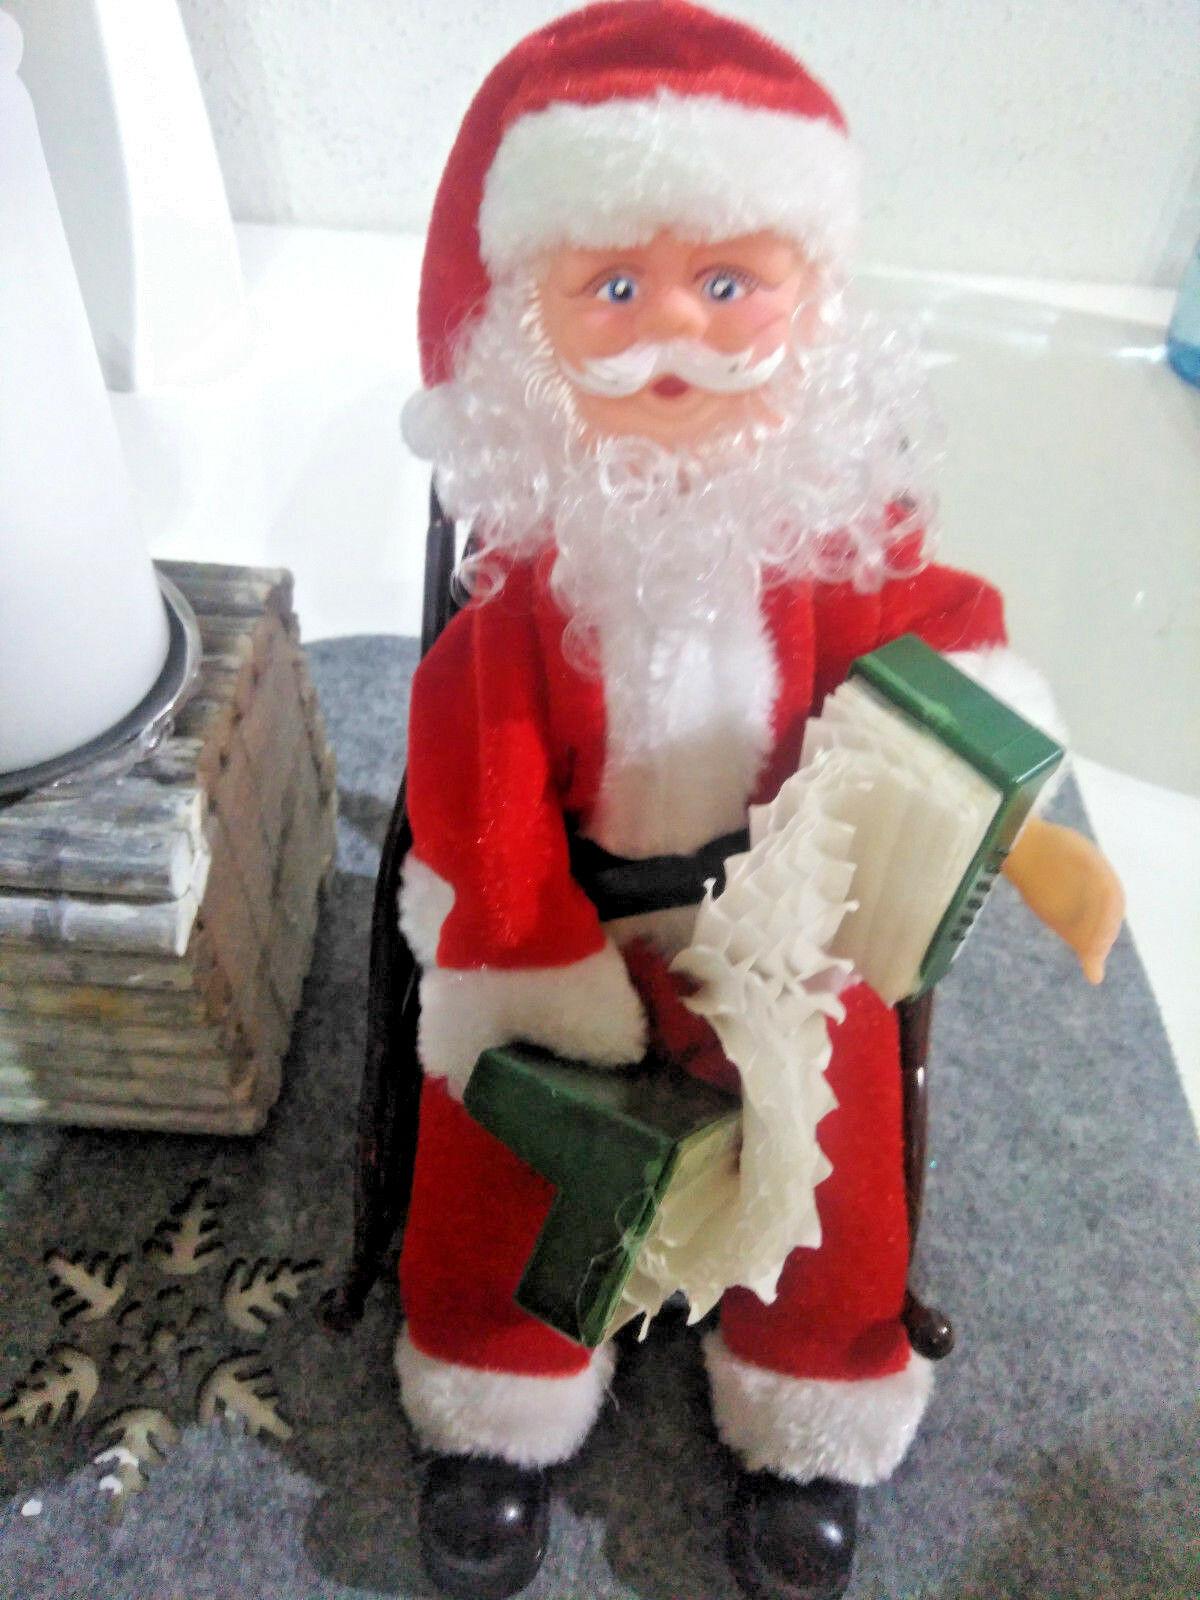 Beleuchteter Schlitten Weihnachtsdeko.Weihnachtsmann Mit Musik Im Schaukelstuhl Weihnachtsdekoration Weihnachten